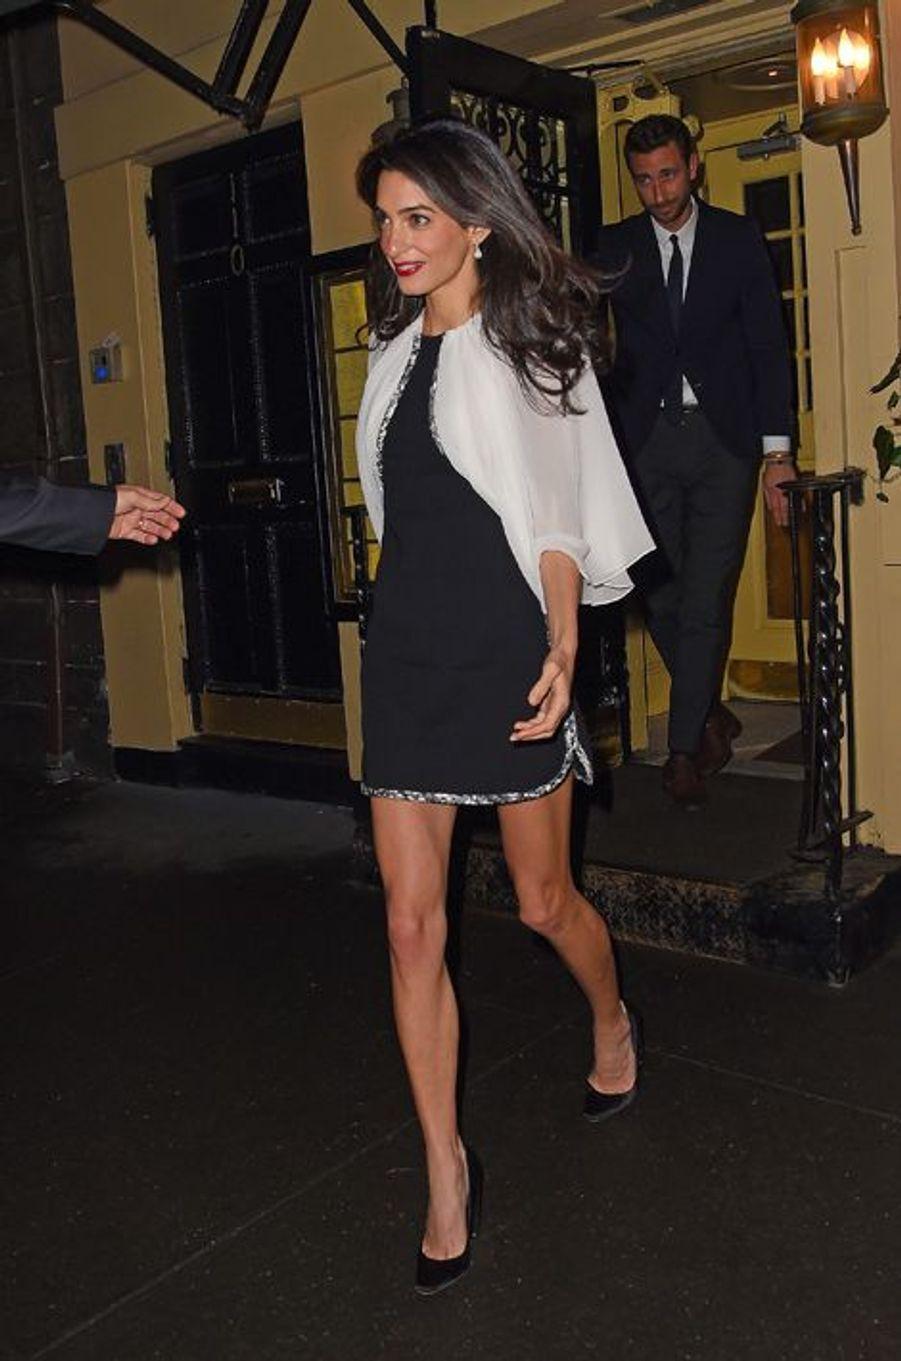 Pour une nouvelle sortie romantique au bras de George Clooney, Amal avait opté pour une tenue Giambattista Valli d'une valeur totale de 2.430 euros ainsi que pour une paire d'escarpins assortis de la même marque à 900 euros. Total : 3.330 euros.